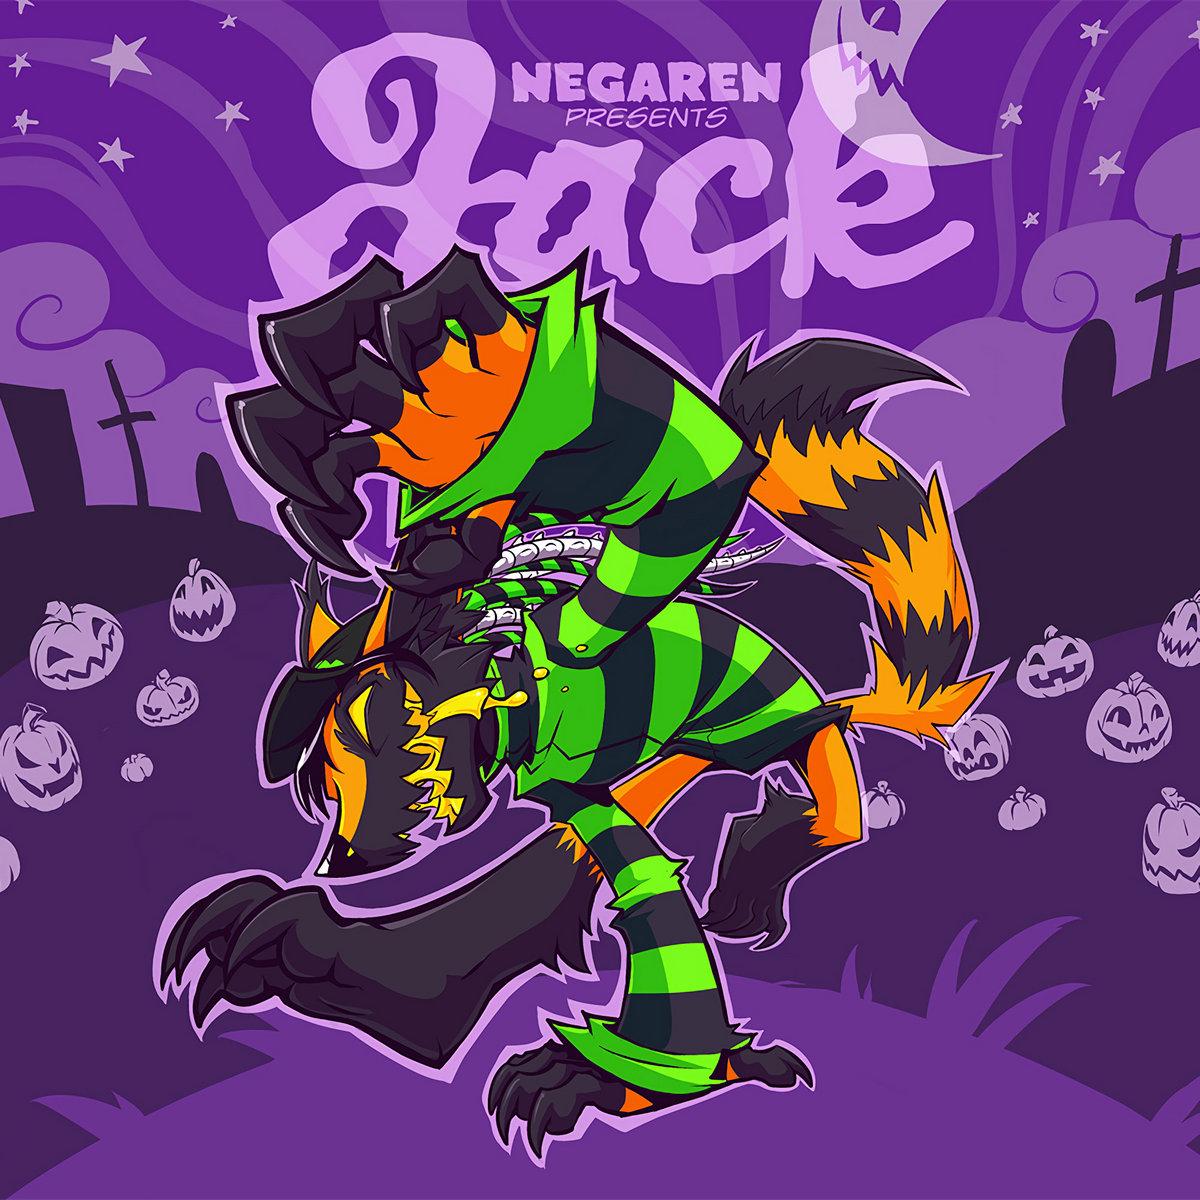 NegaRen - Breaking Boundaries